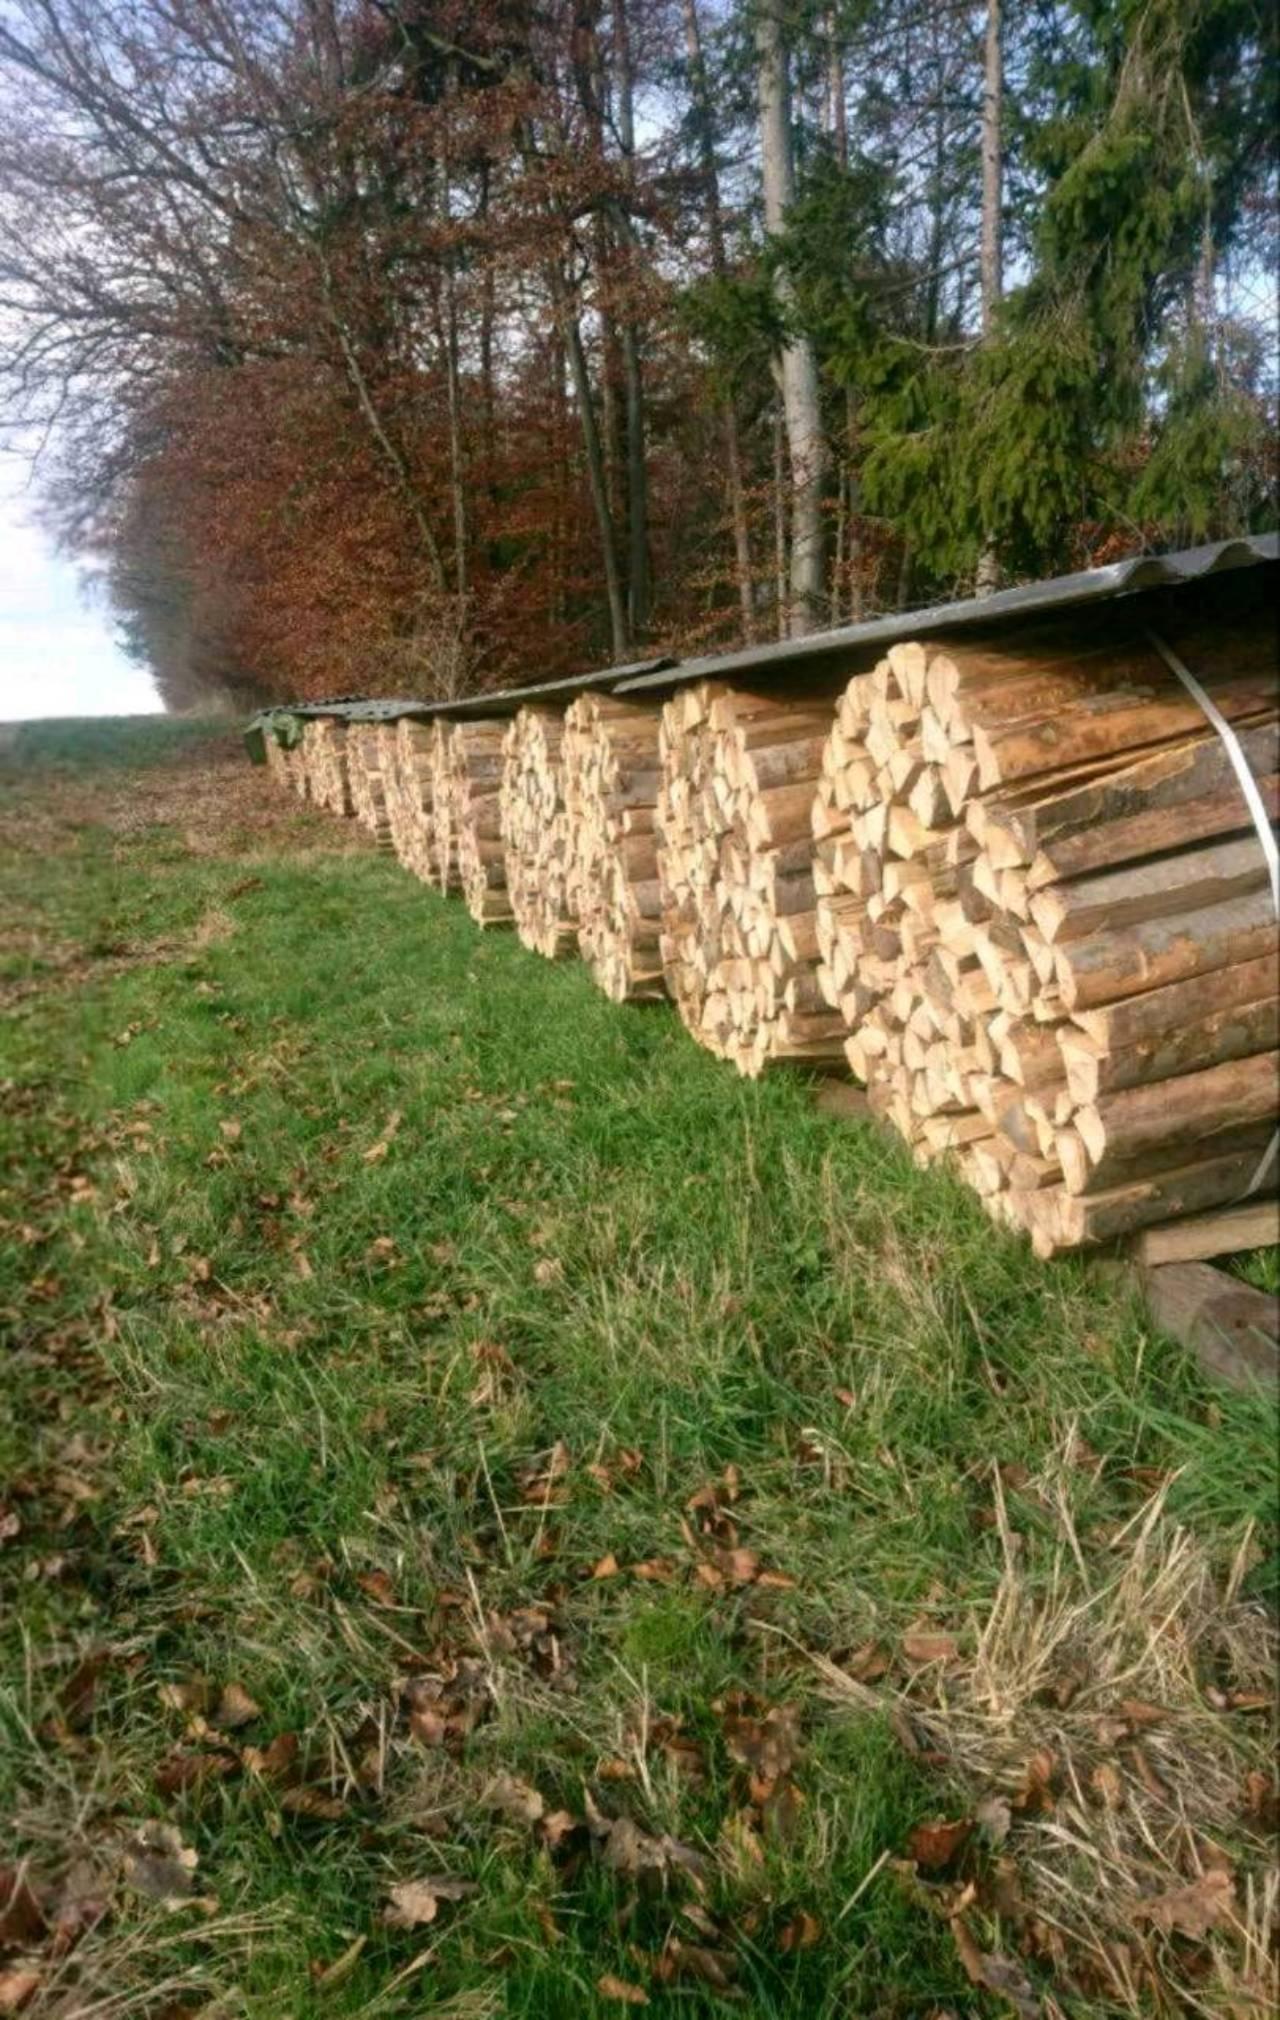 Top Brennholz günstig kaufen - auf www.landwirt.com RQ14